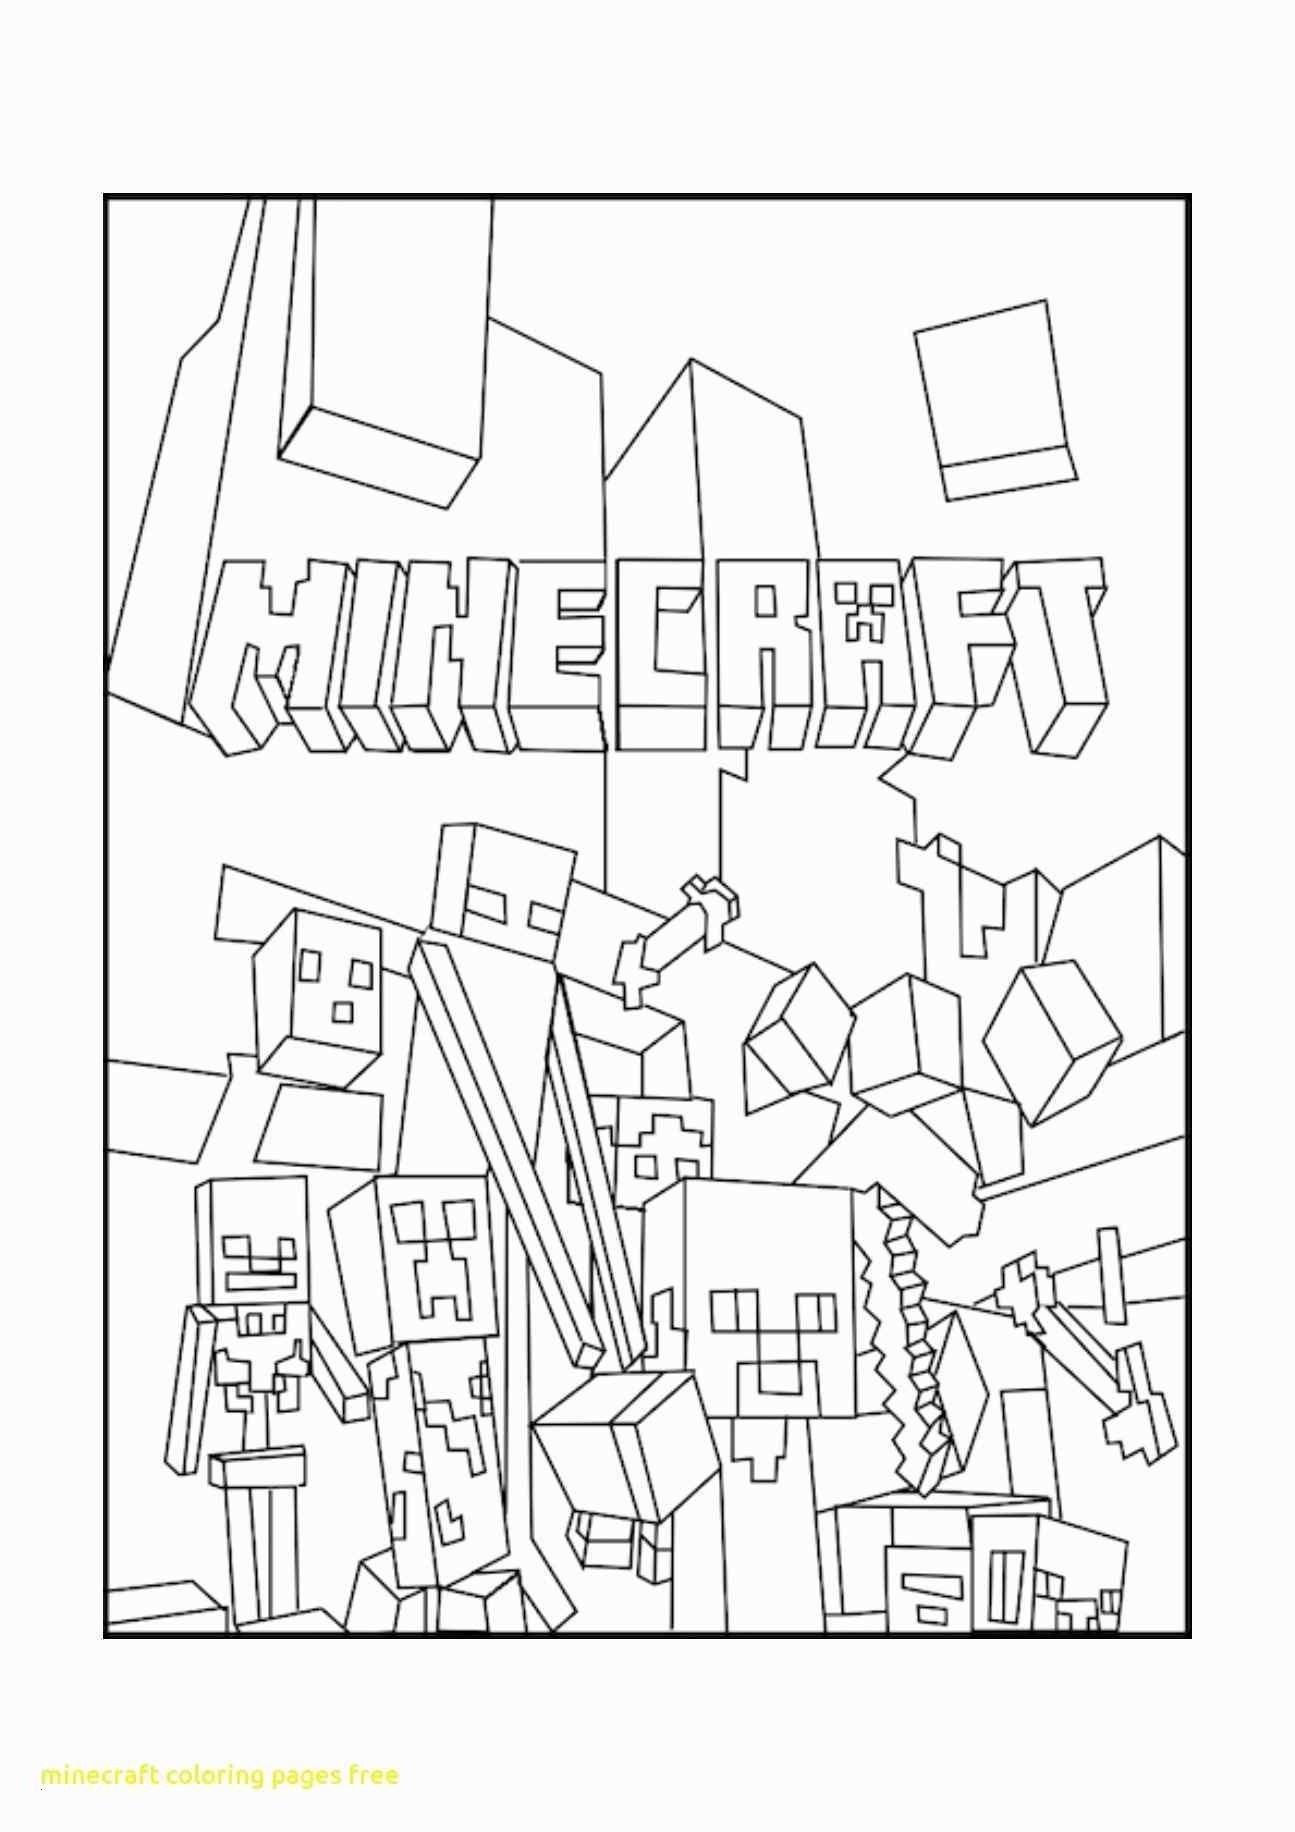 Minecraft Ausmalbilder Schwert Einzigartig Minecraft Ausmalbilder Drucken Fresh 35 Minecraft Ausmalbilder Zum Bilder